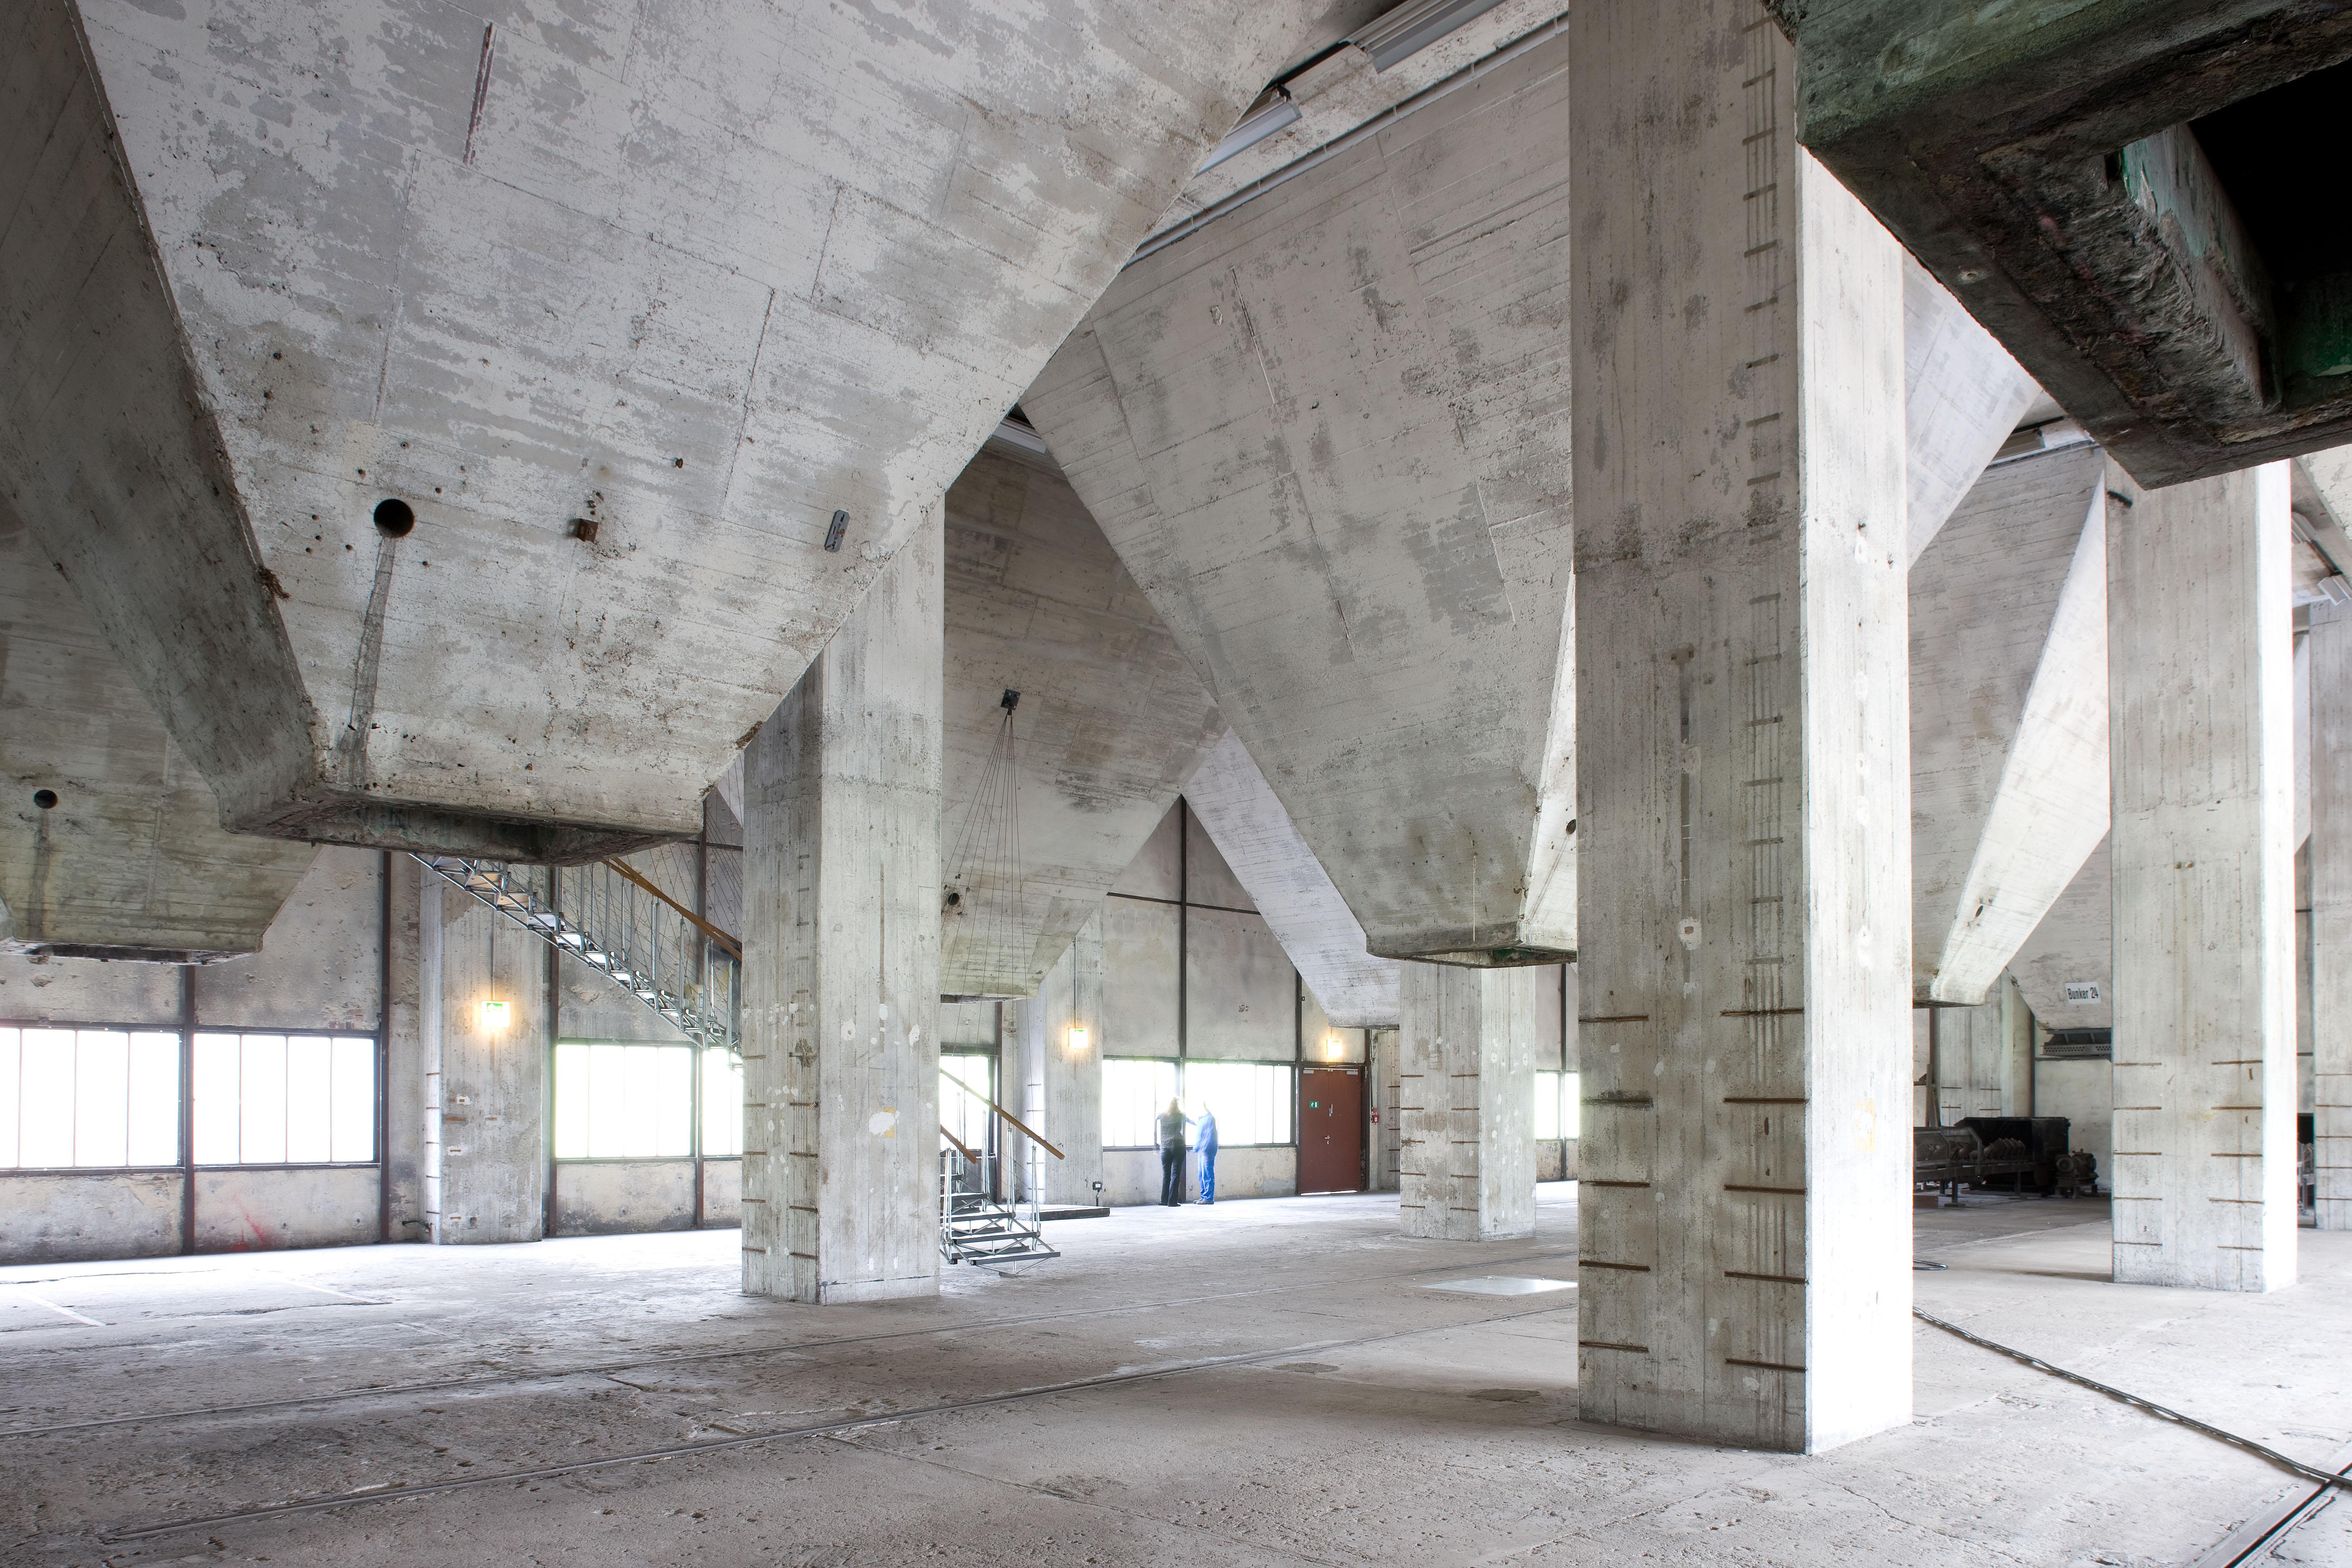 Trichterebene der Mischanlage der Kokerei Zollverein, Foto: Thomas Willemsen © Stiftung Zollverein